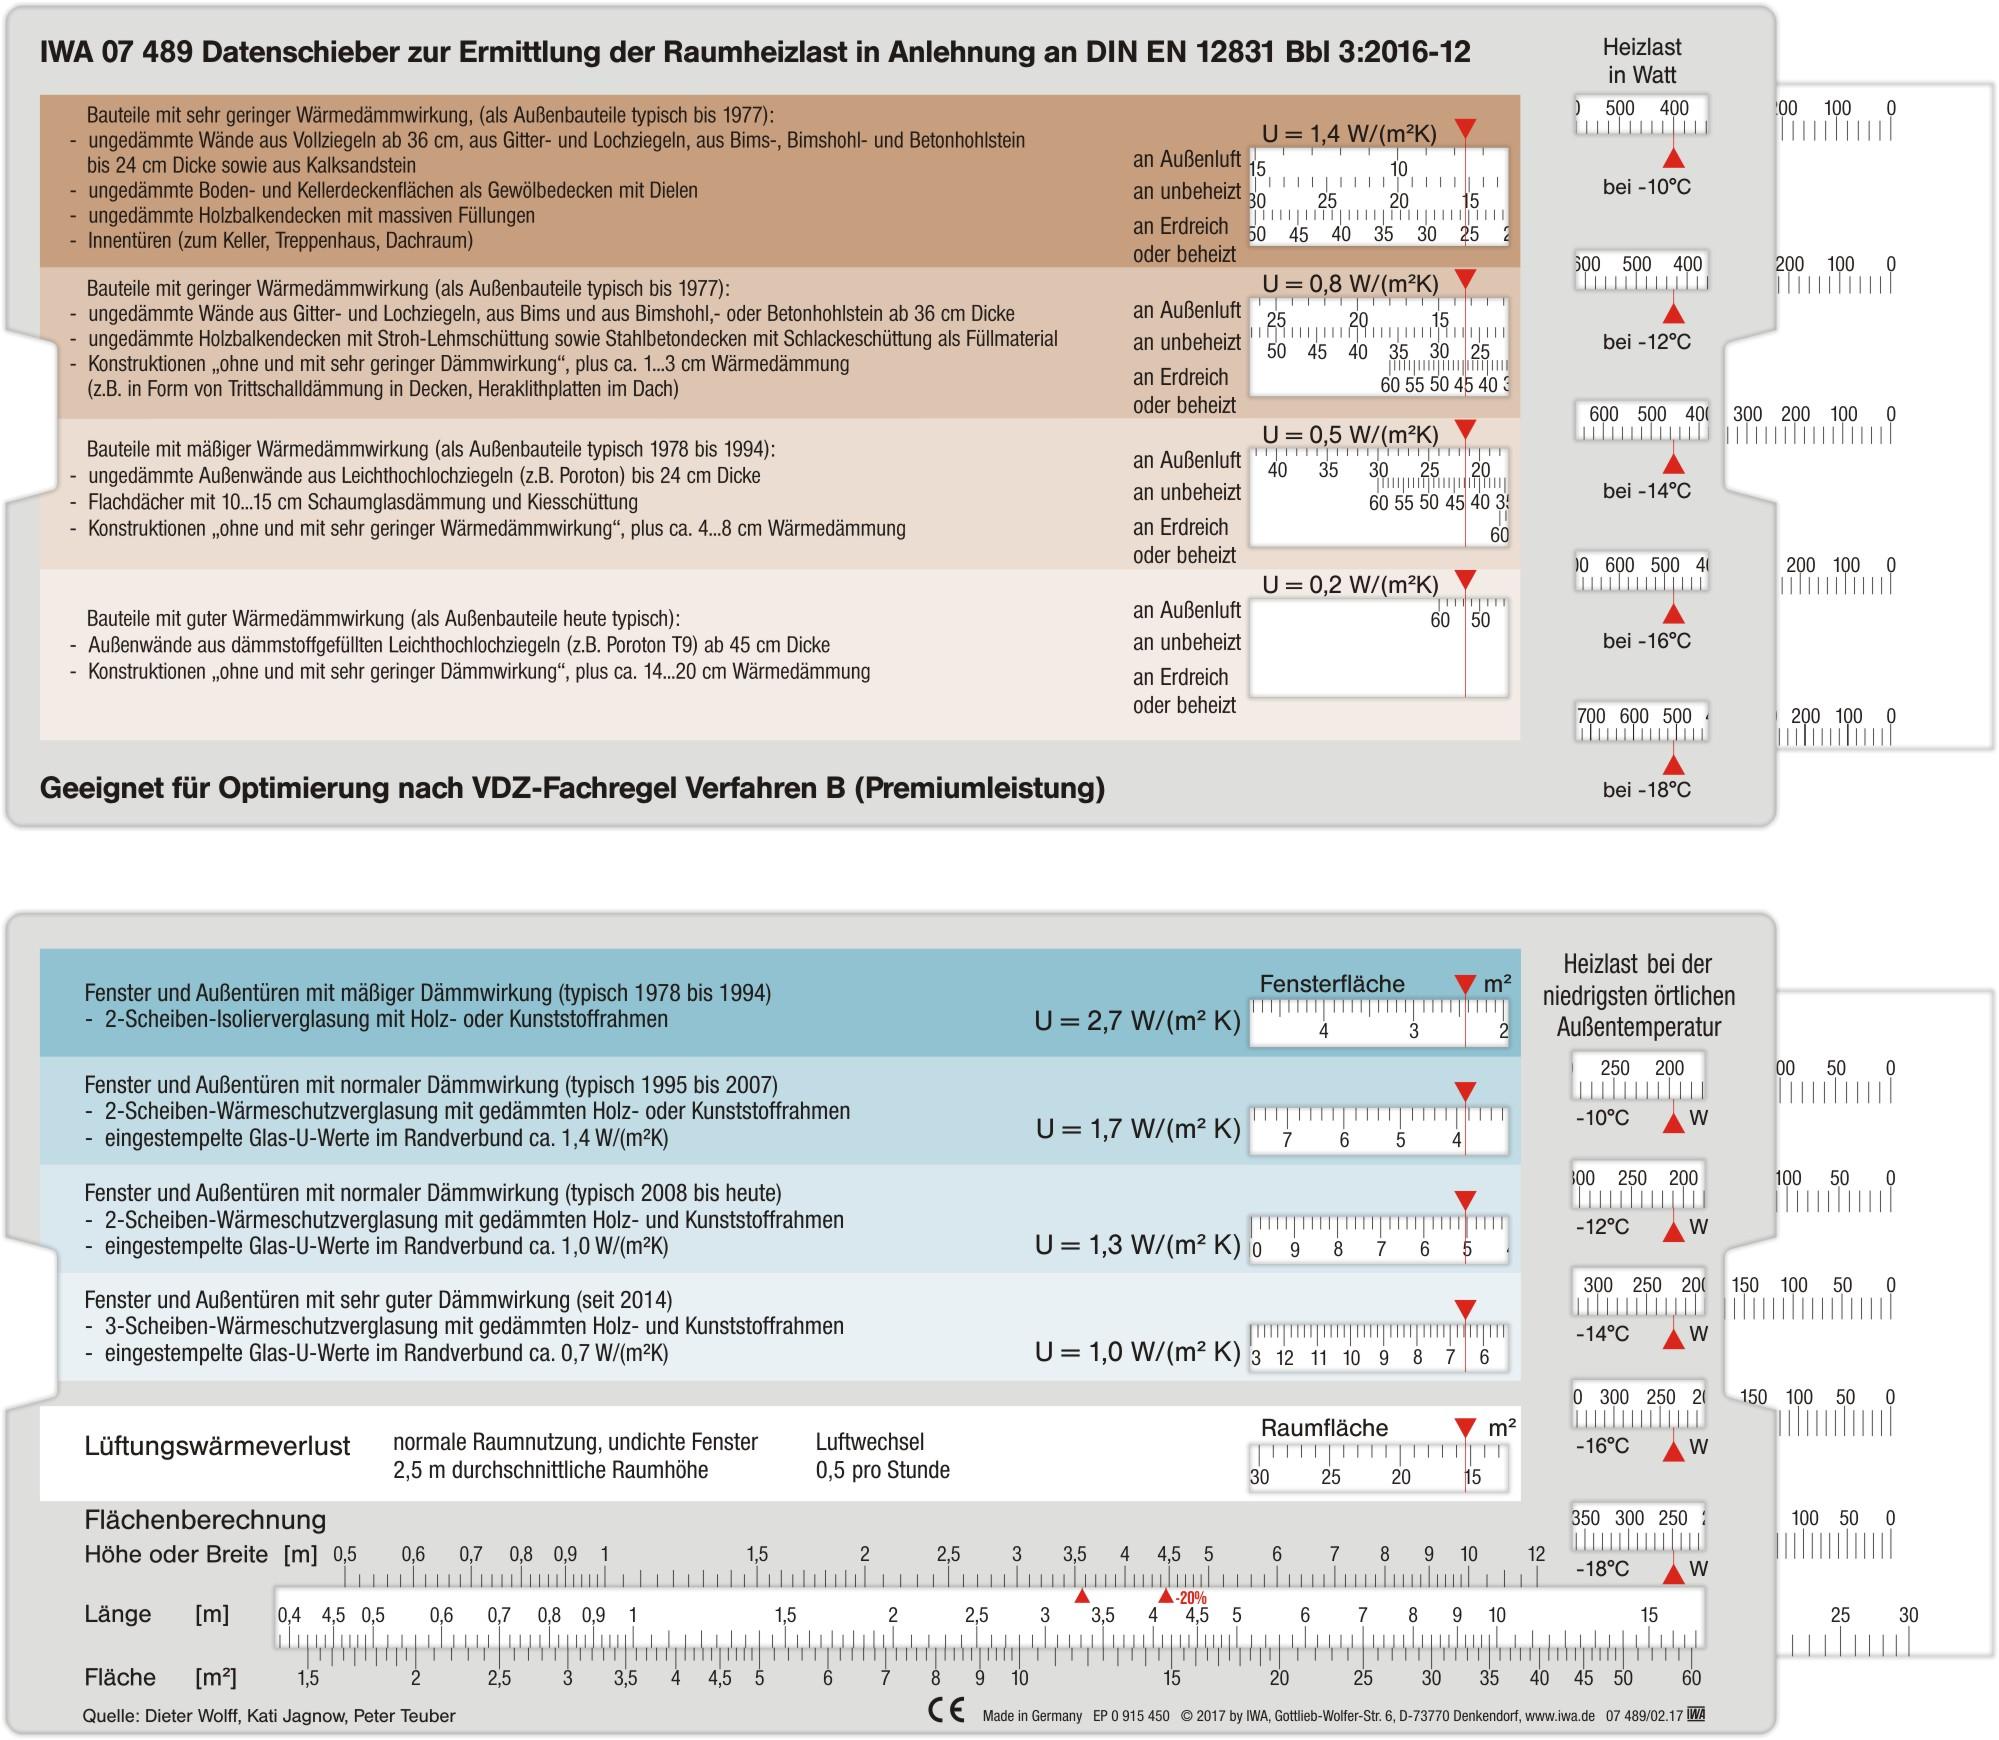 Neuheit: Neuer Datenschieber zur Heizlastermittlung IWA 07489